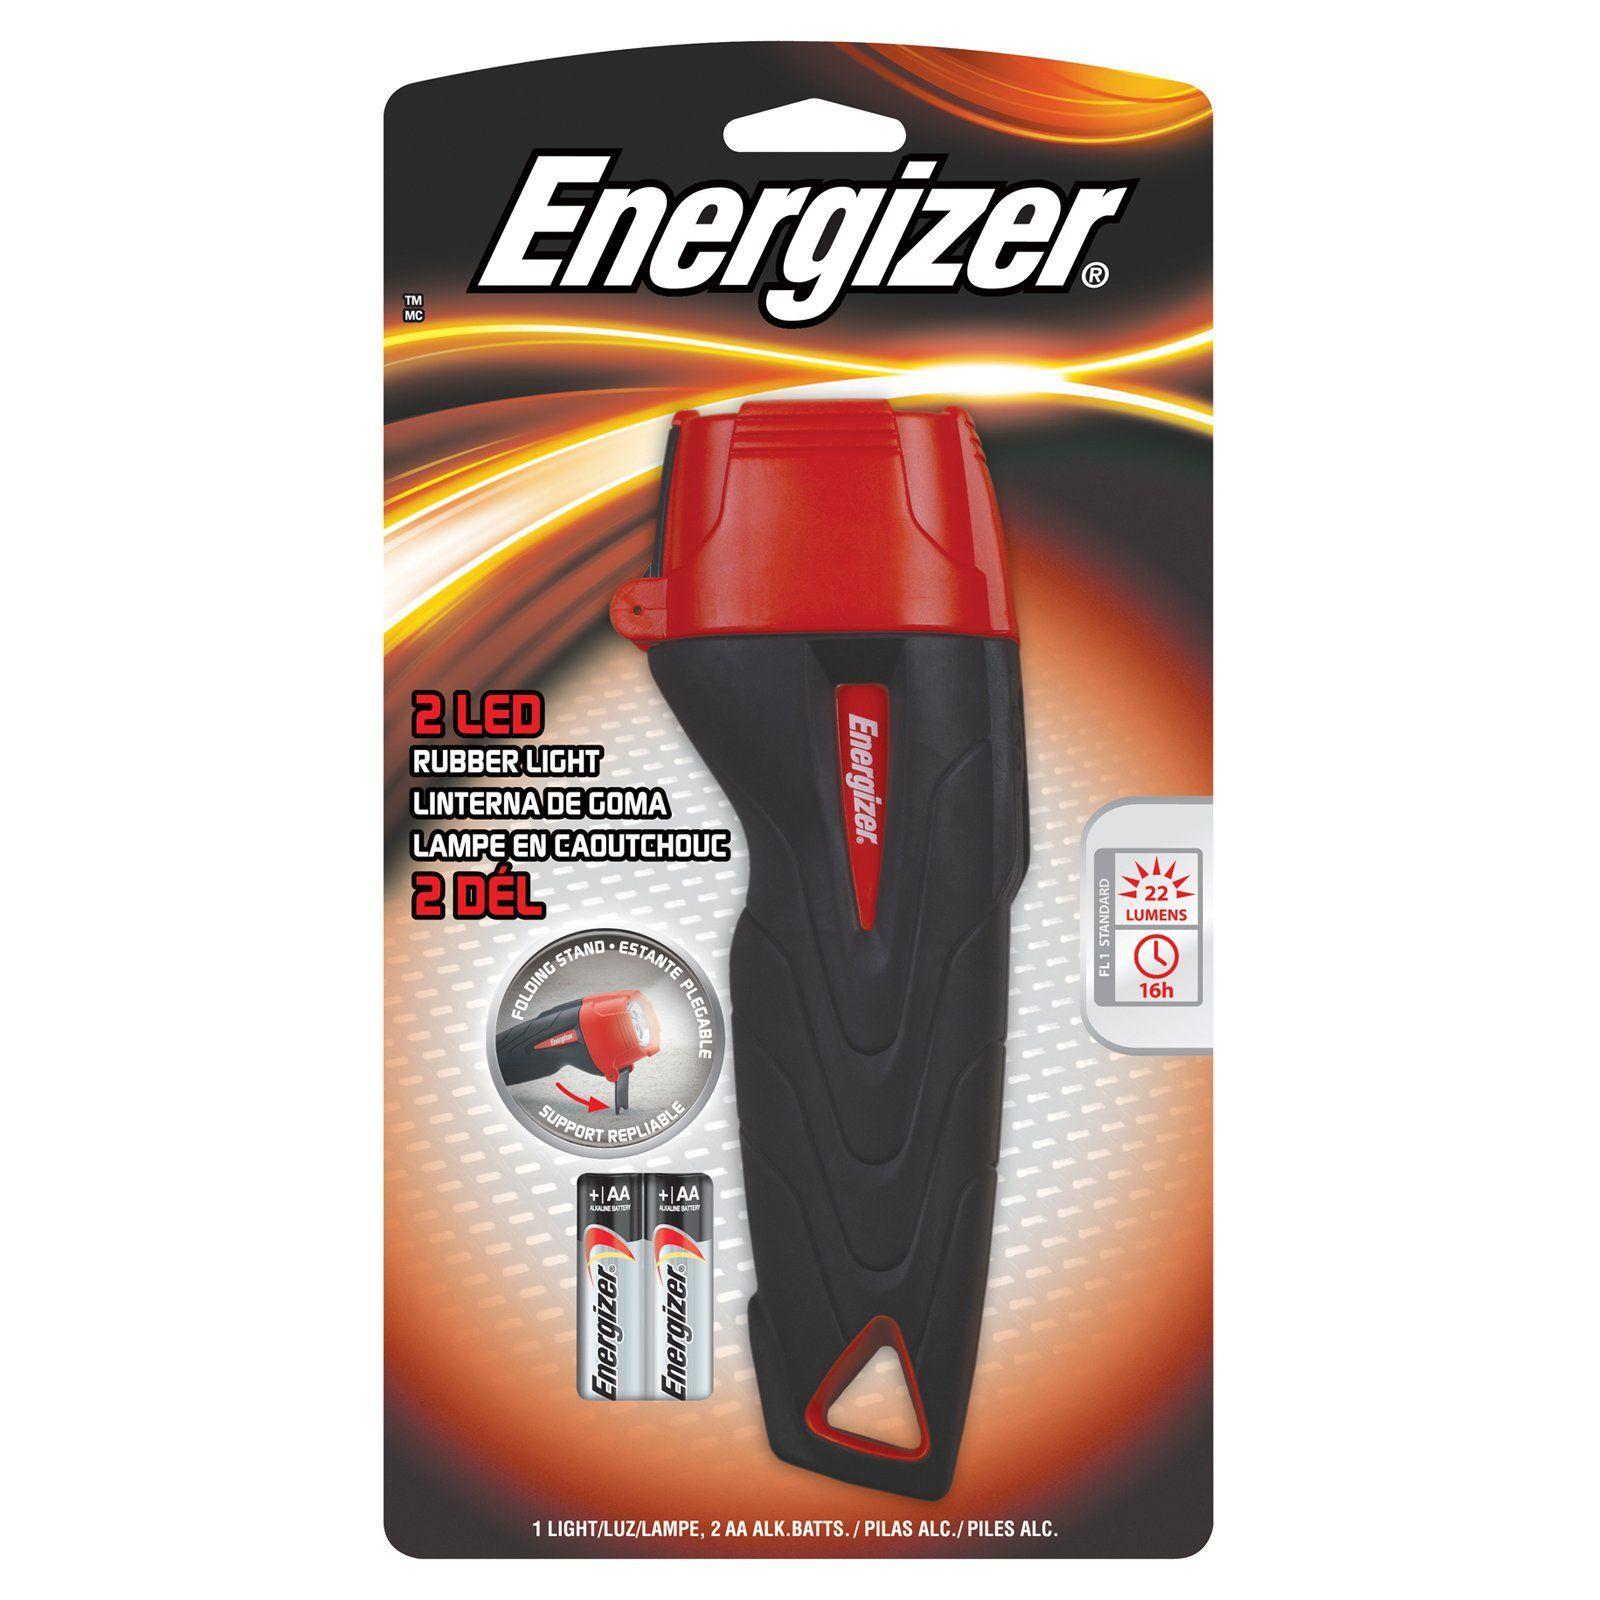 Energizer RUB21E LED Flashlight 10802437 Led